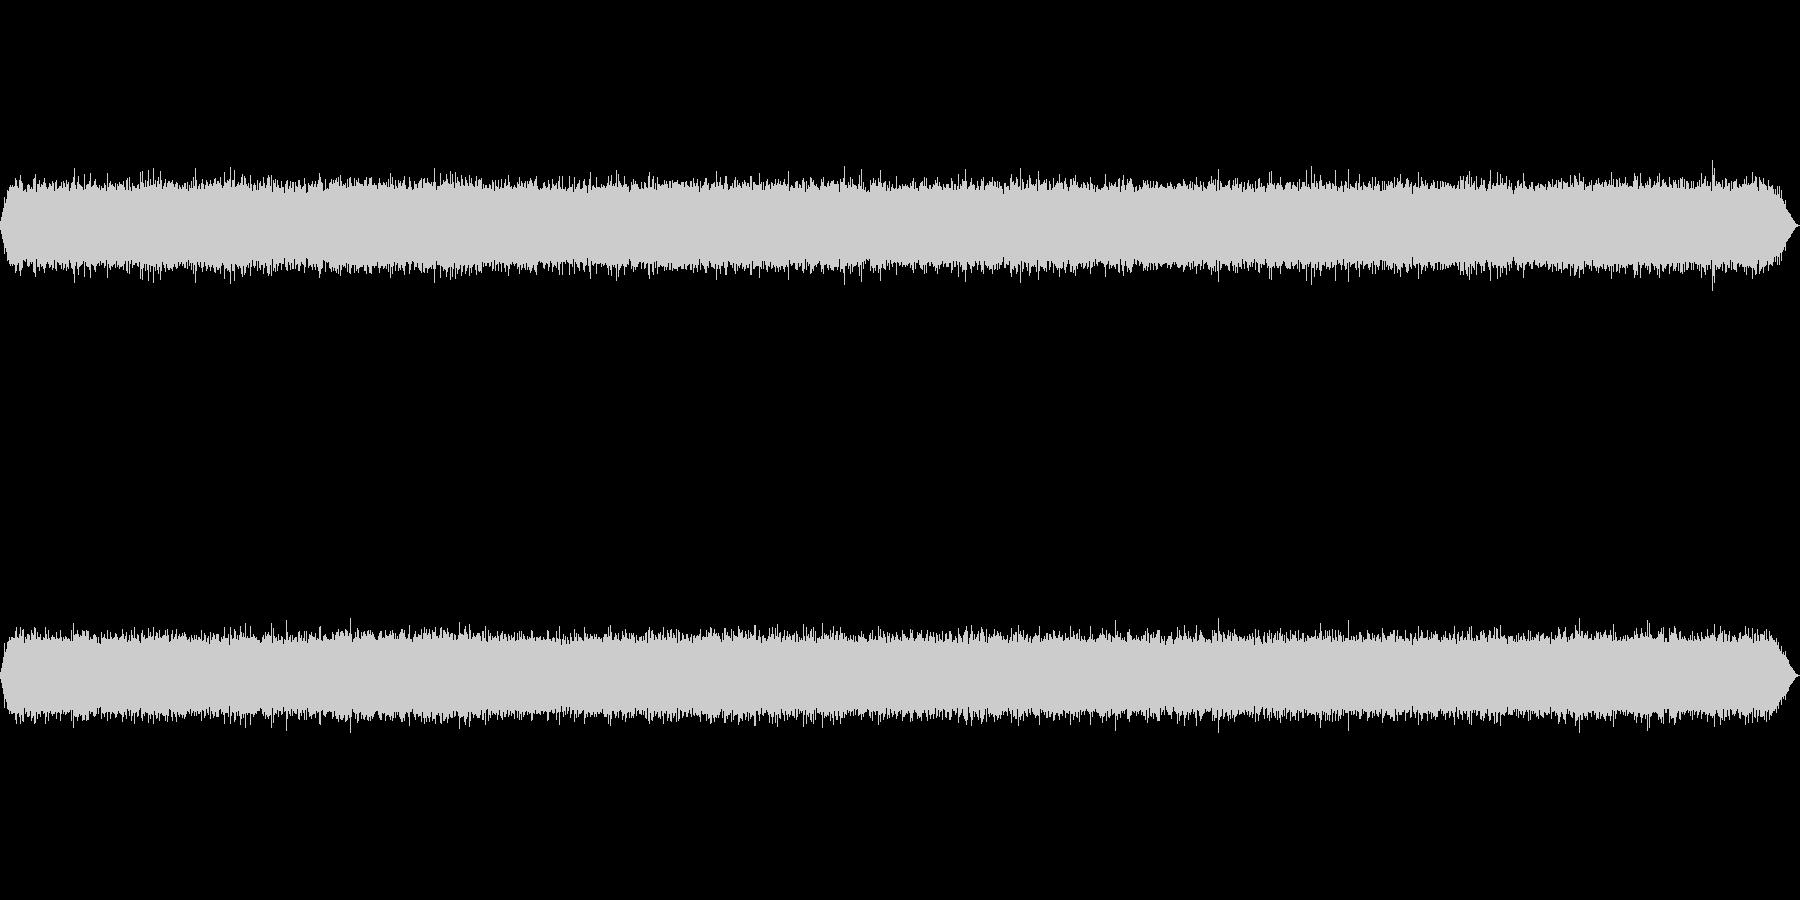 滝音~中くらいの滝 北海道【生録音】の未再生の波形